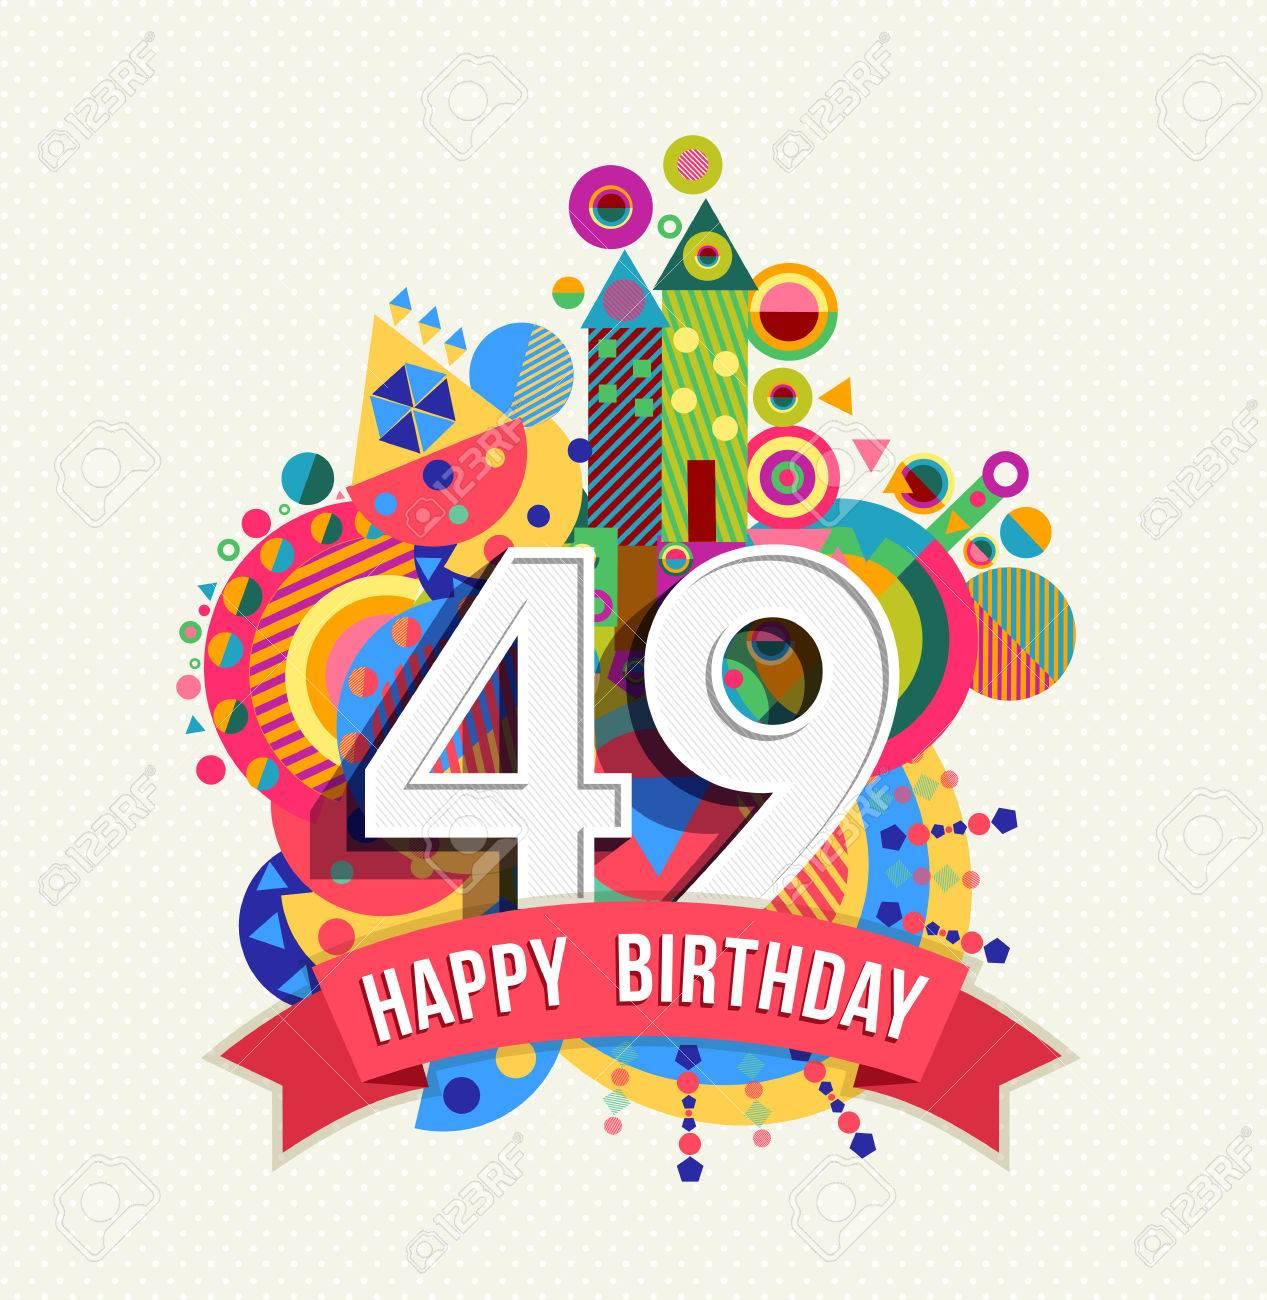 Banque d'images - Joyeux anniversaire quarante-neuf 49 années